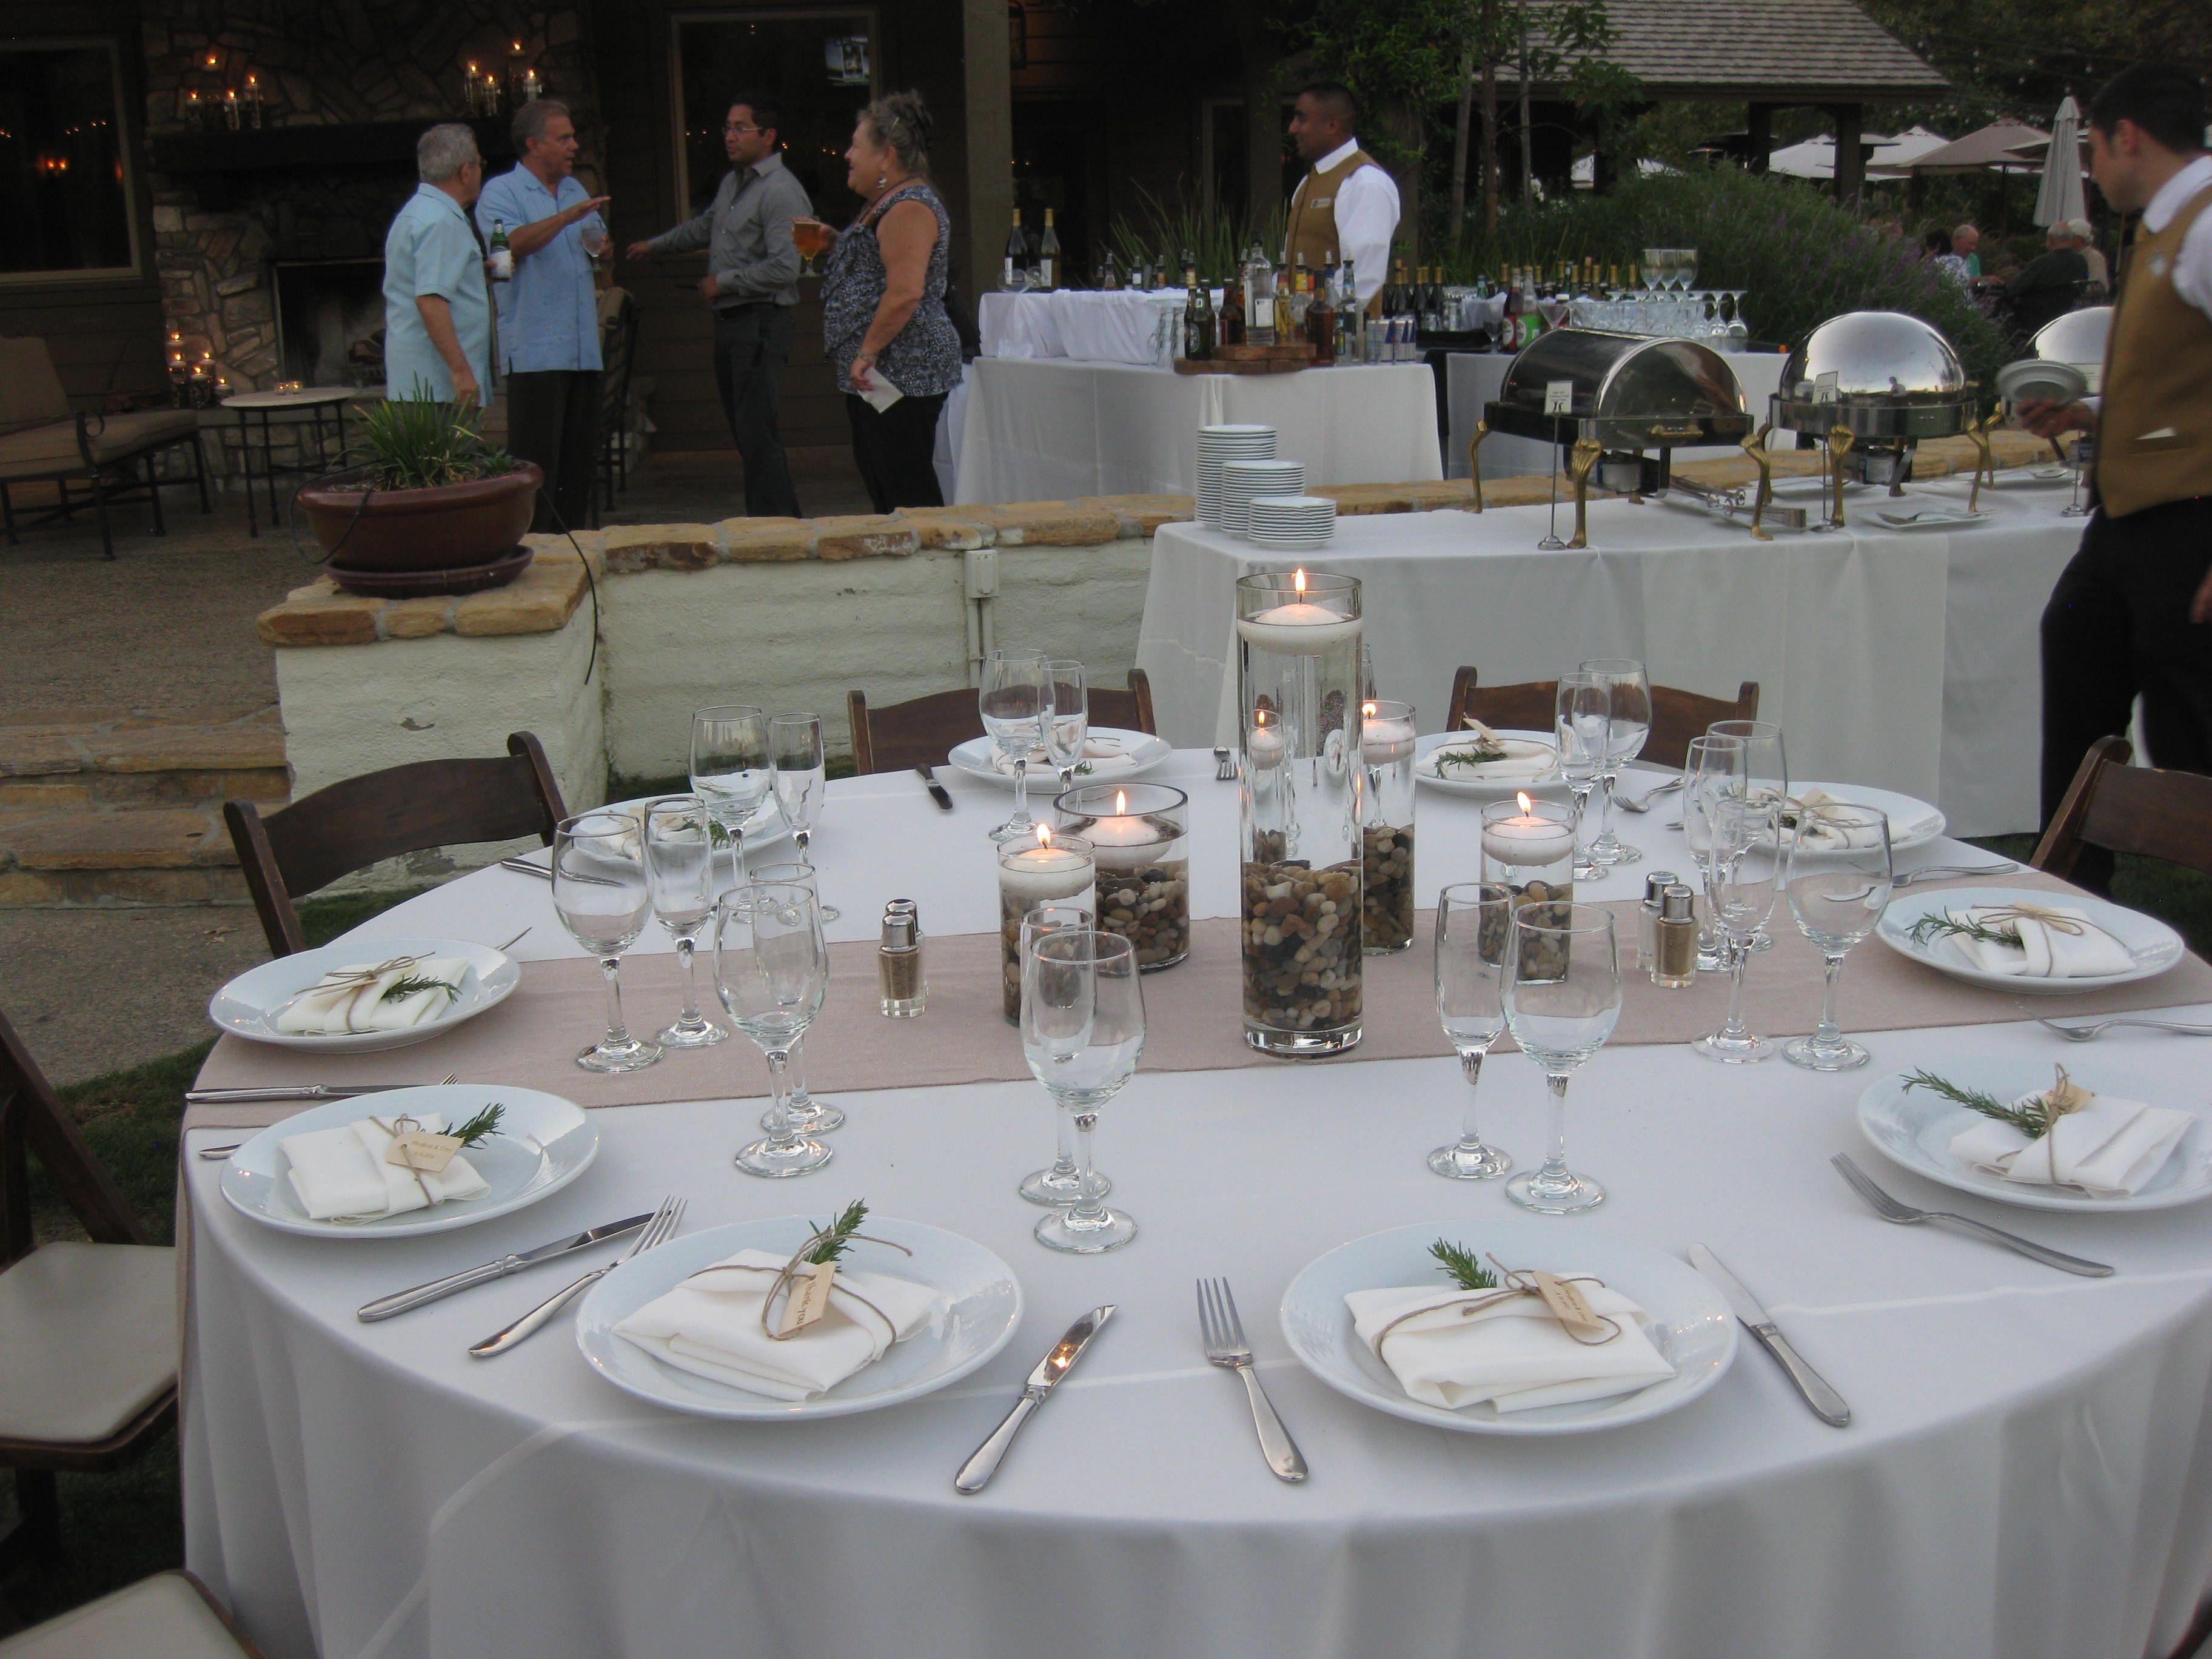 Rehearsal Dinner Table Dinner Table Decor Table Decorations